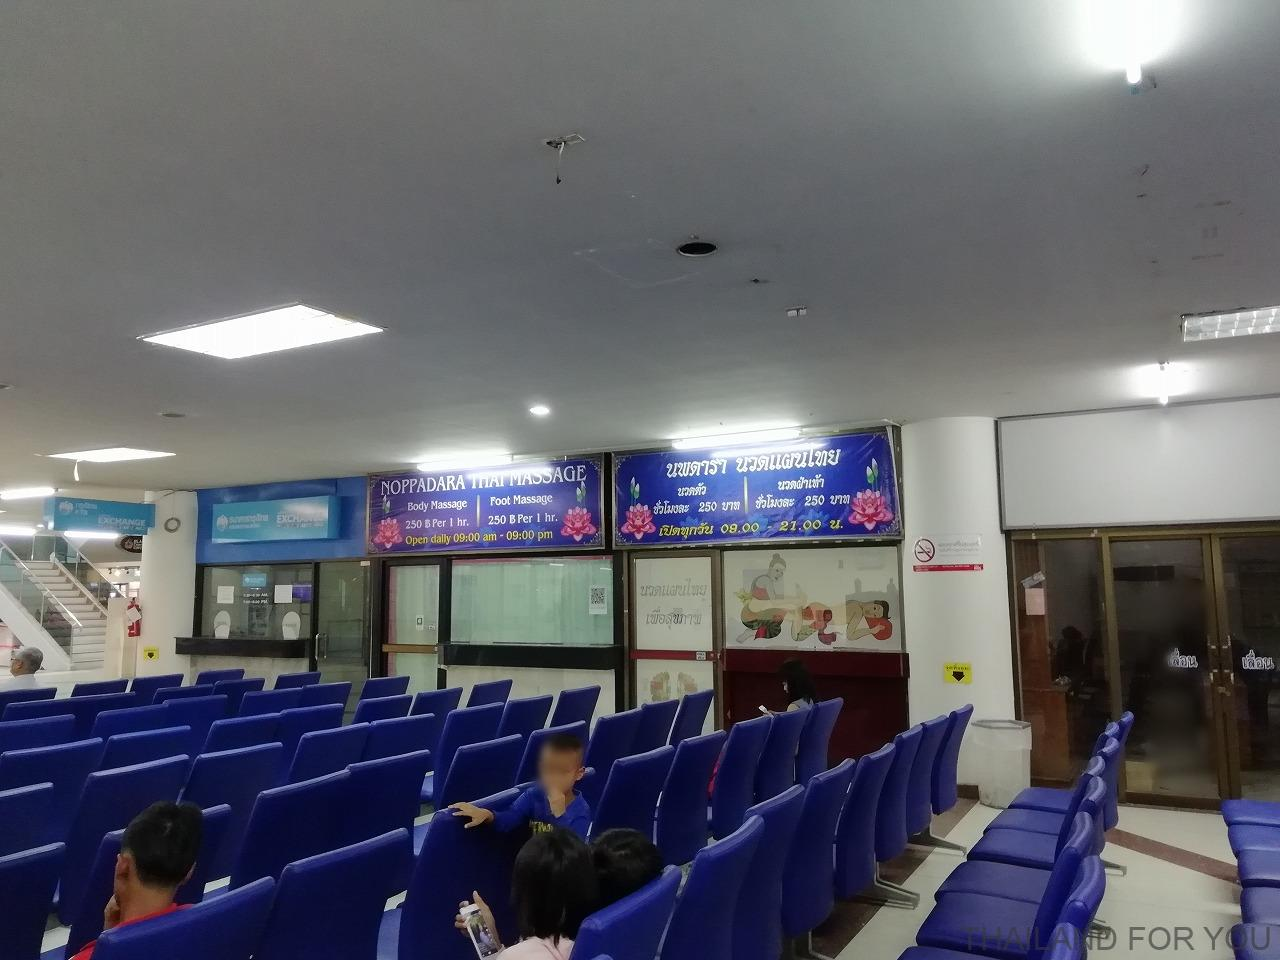 ウボンラチャタニ 空港 写真